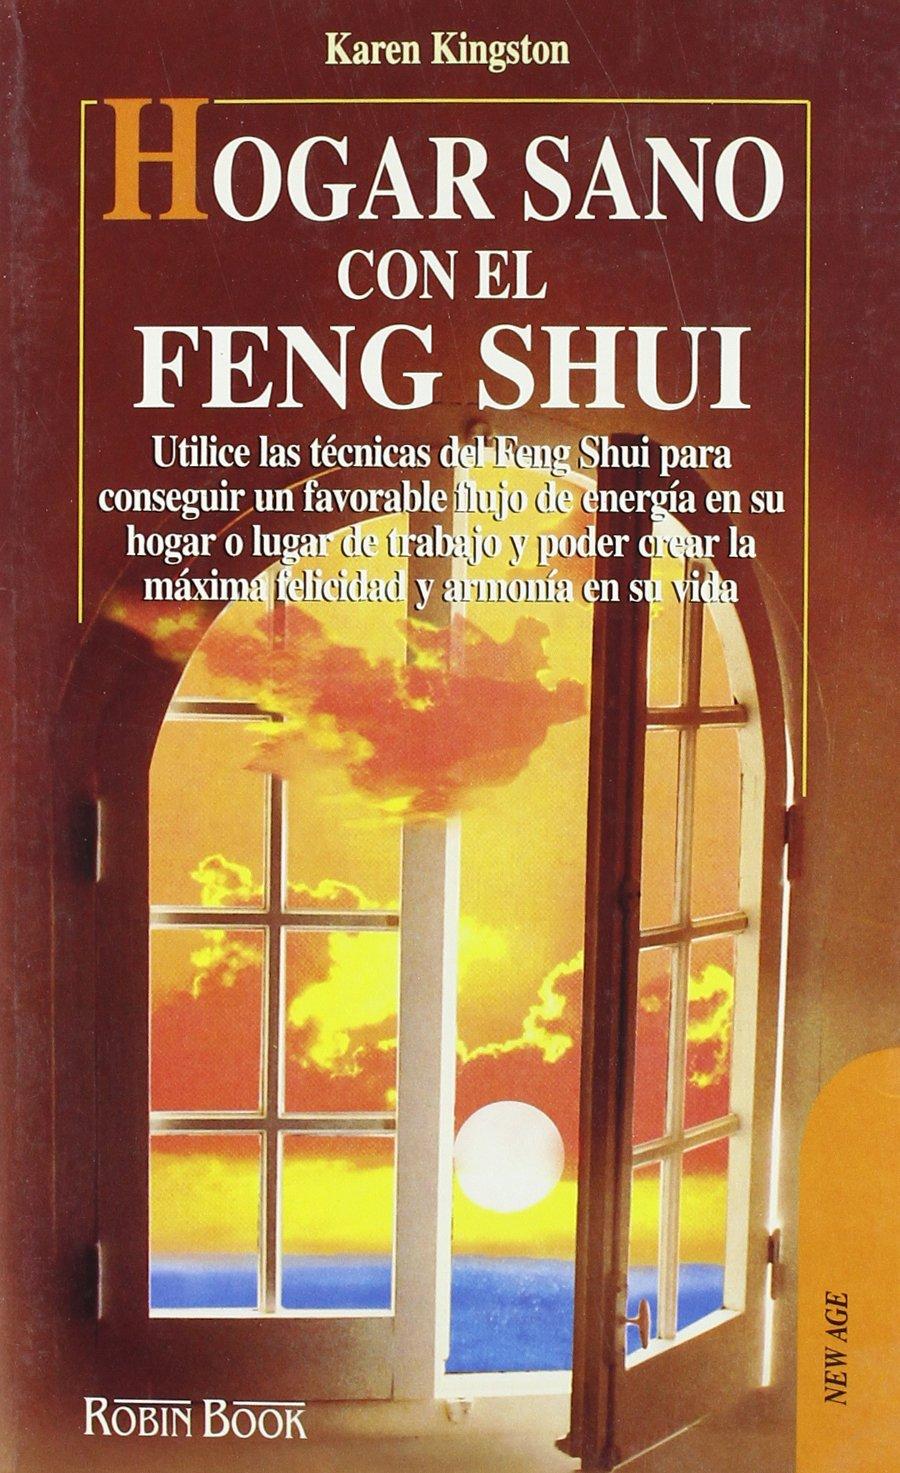 Hogar sano con el feng shui: Cómo hacer de su hogar un espacio sagrado mediante el feng shui y alcanzar la máxima felicidad y armonia (New Age) Tapa blanda – 19 mar 1998 Karen Kingston EDICIONES ROBINBOOK S.L. 8479272791